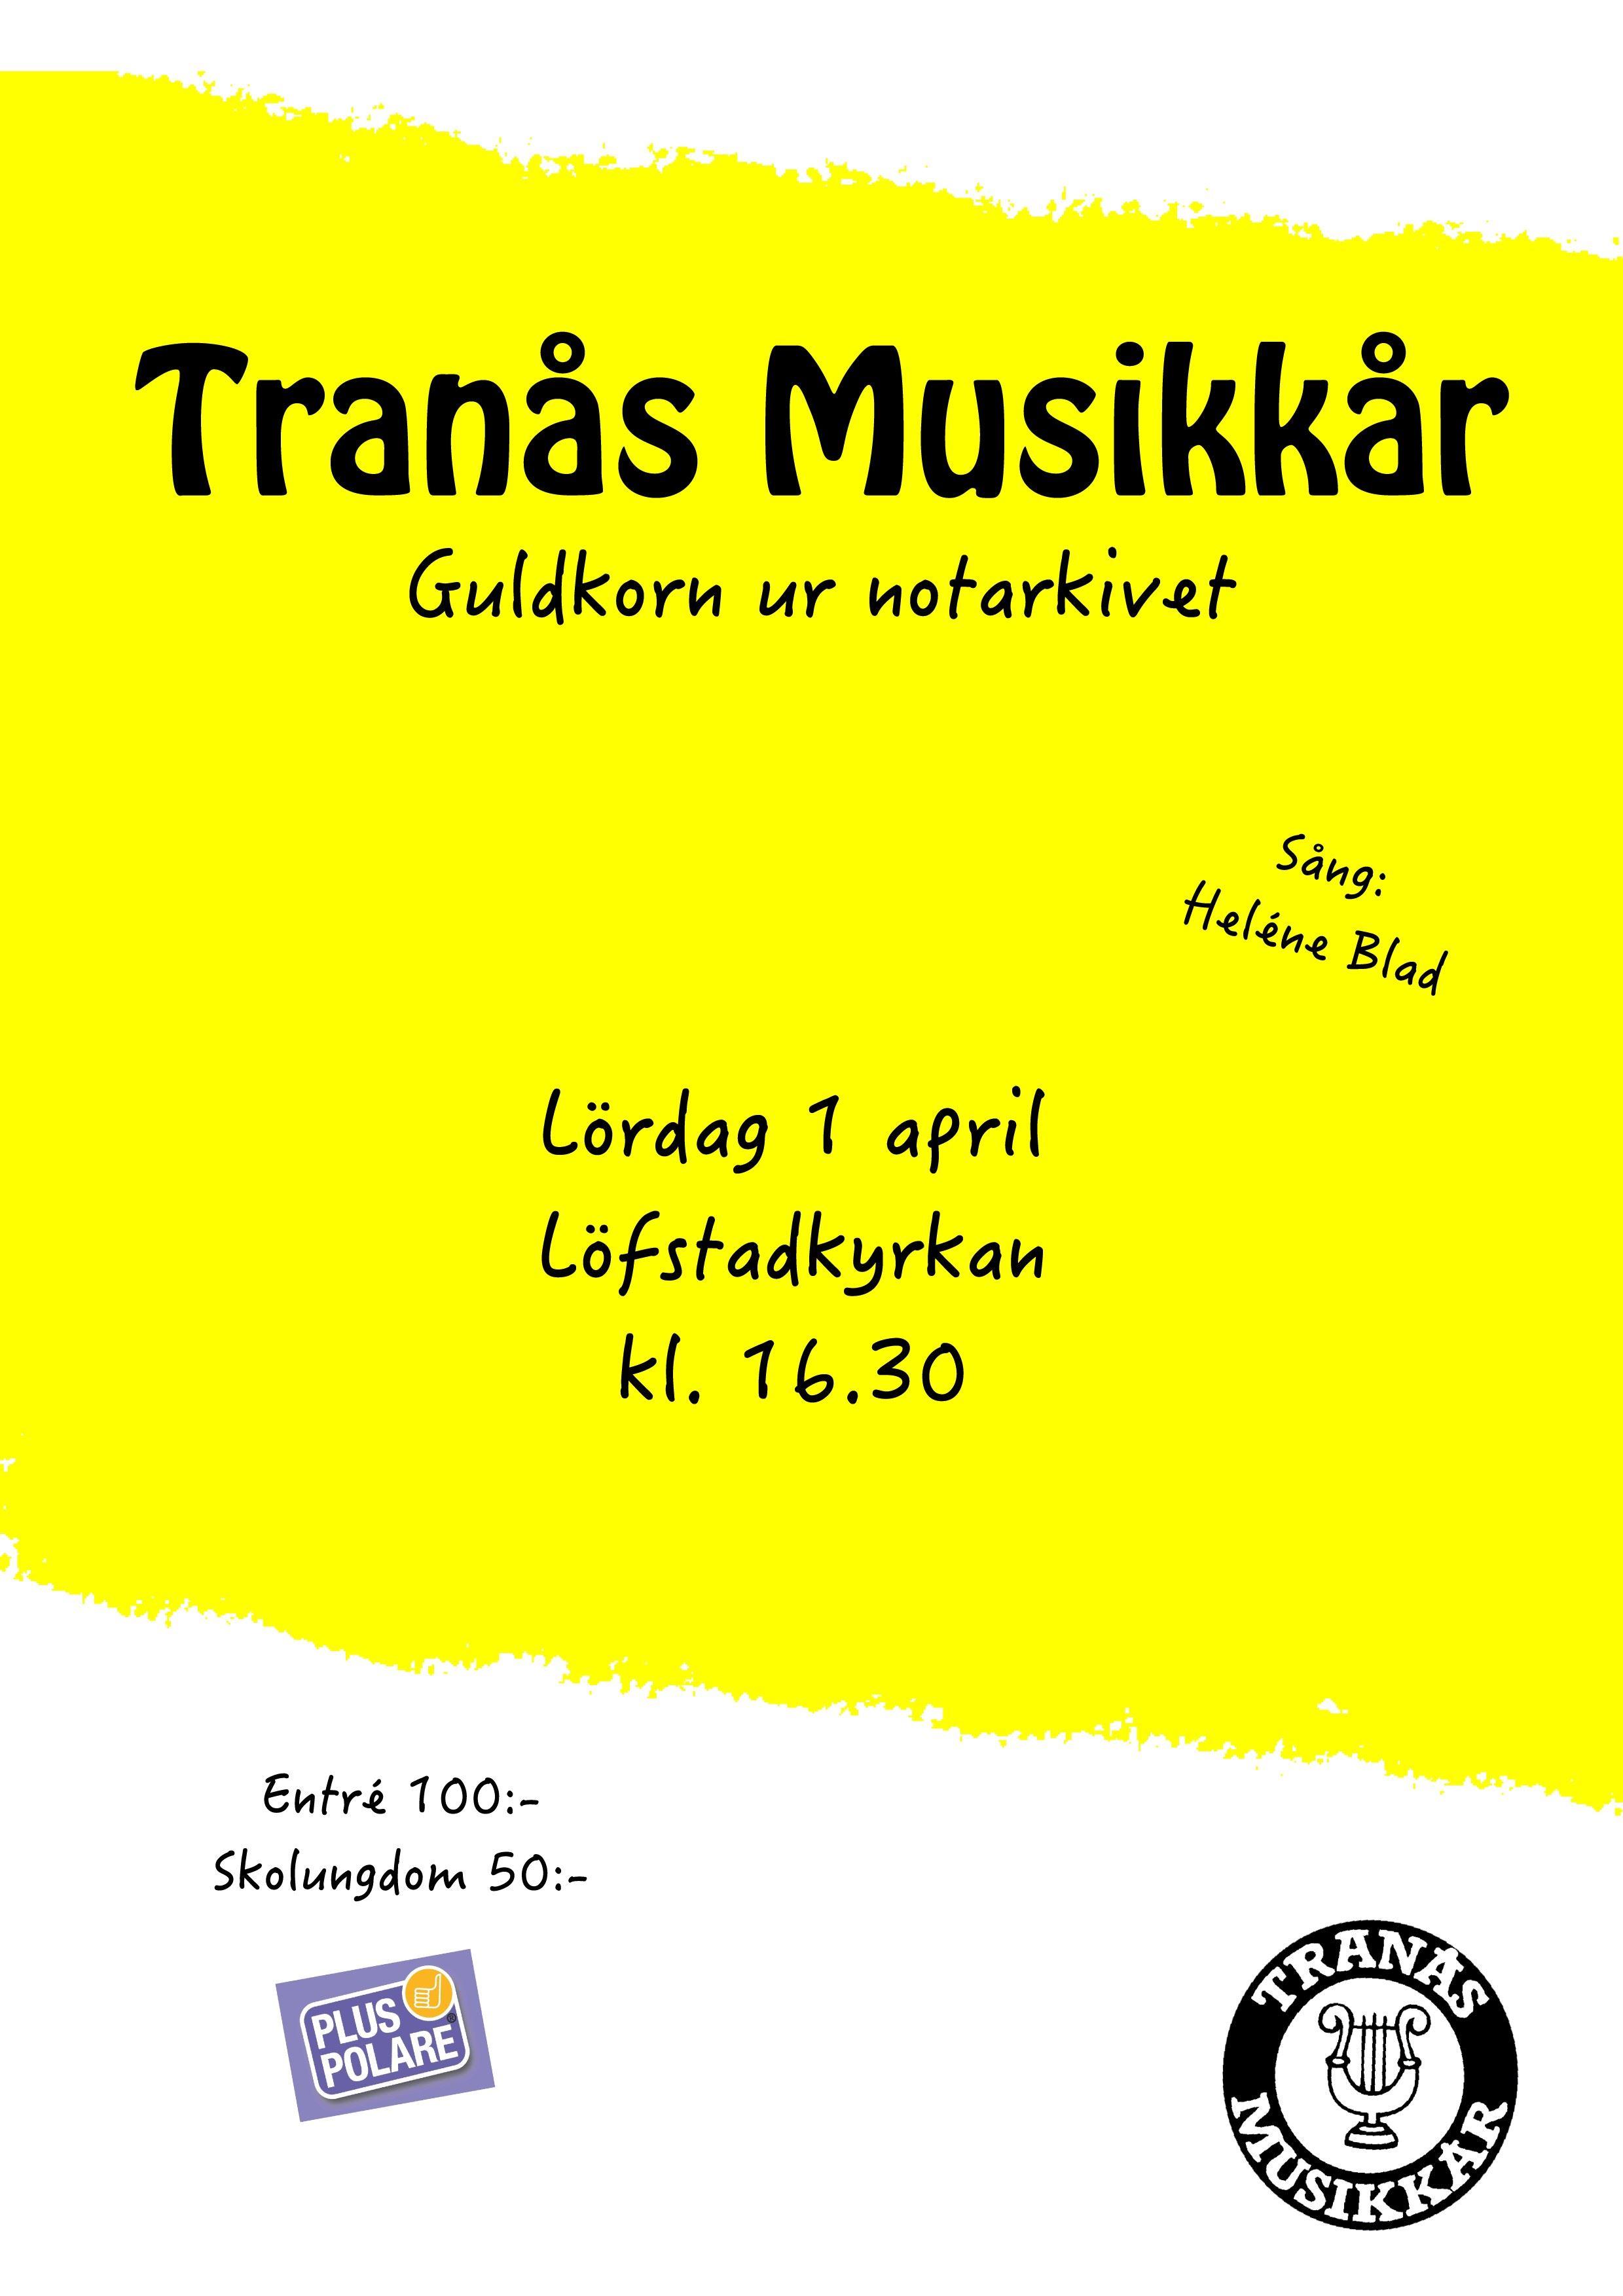 Konsert med Tranås Musikkår